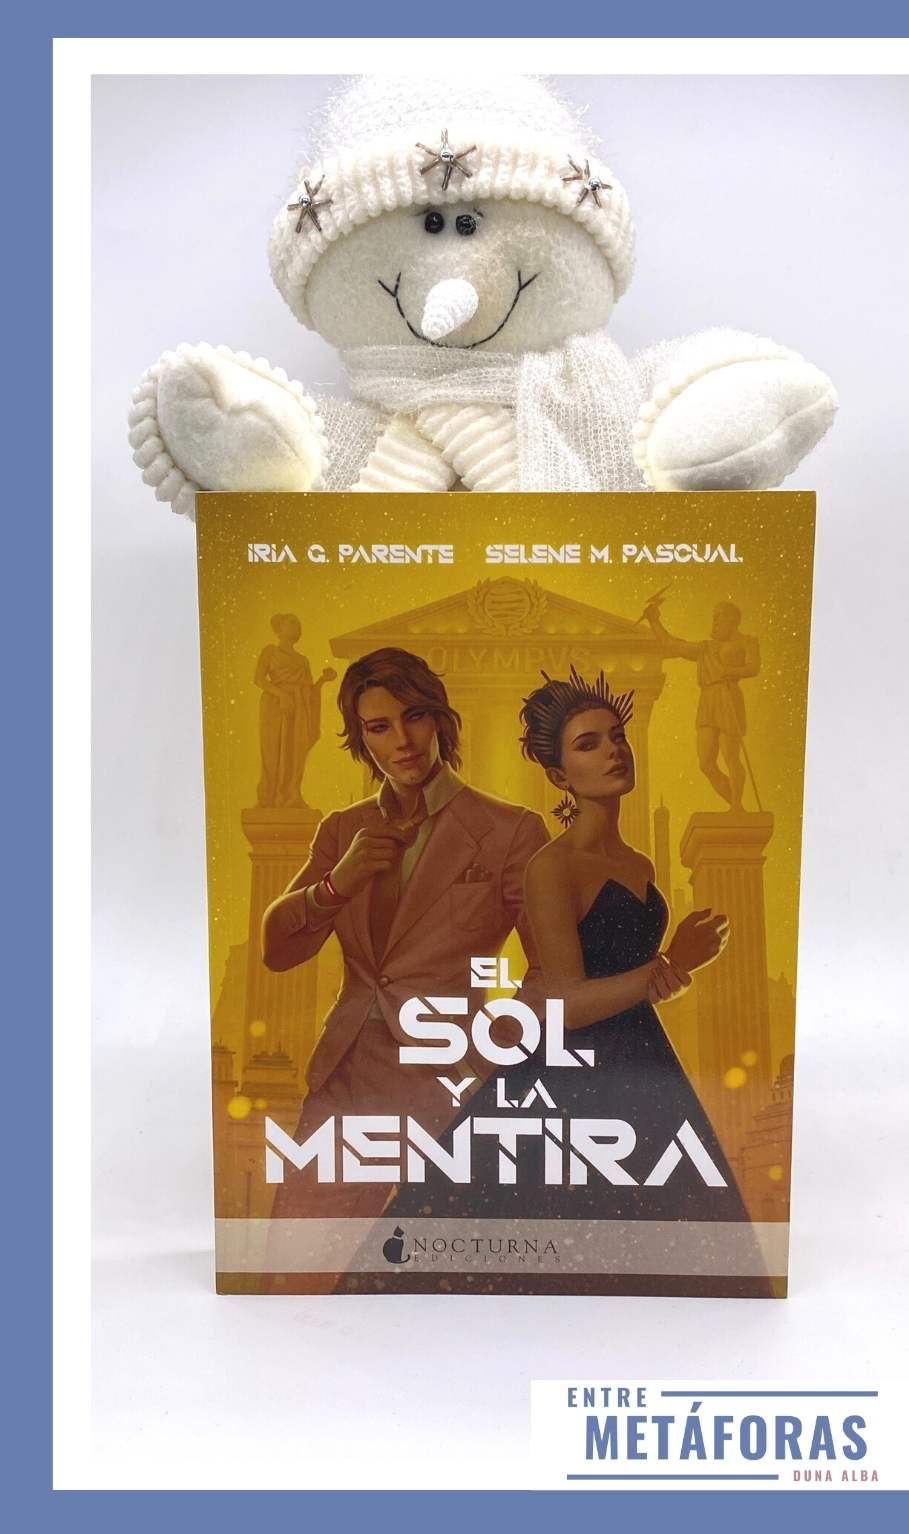 El sol y la mentira, de Iria G. Parente y Selene M. Pascual